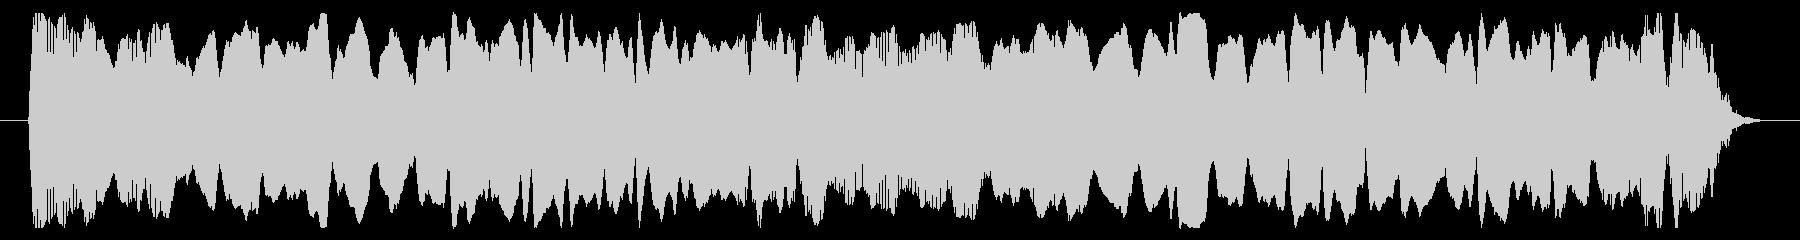 8bitパワーU-D-01-4_dryの未再生の波形